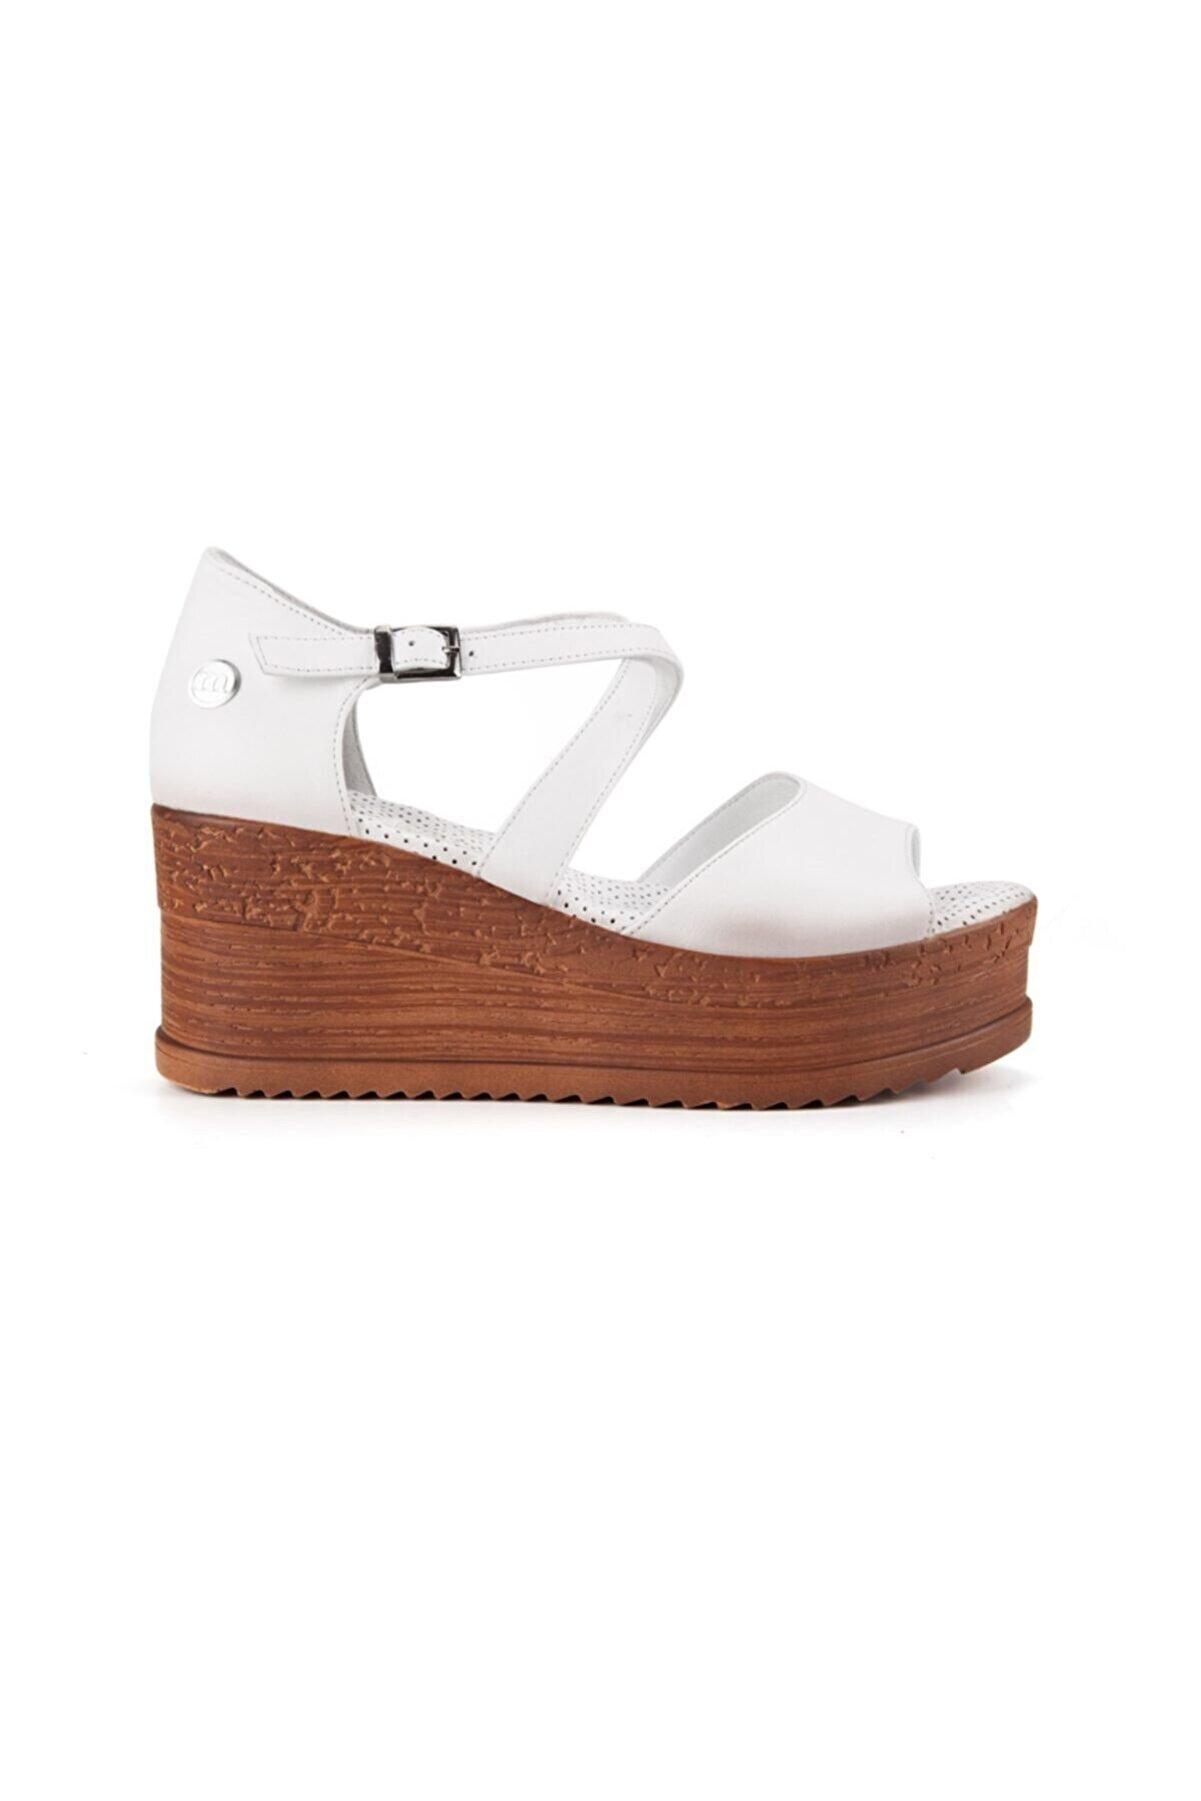 Mammamia Kadın Sandalet